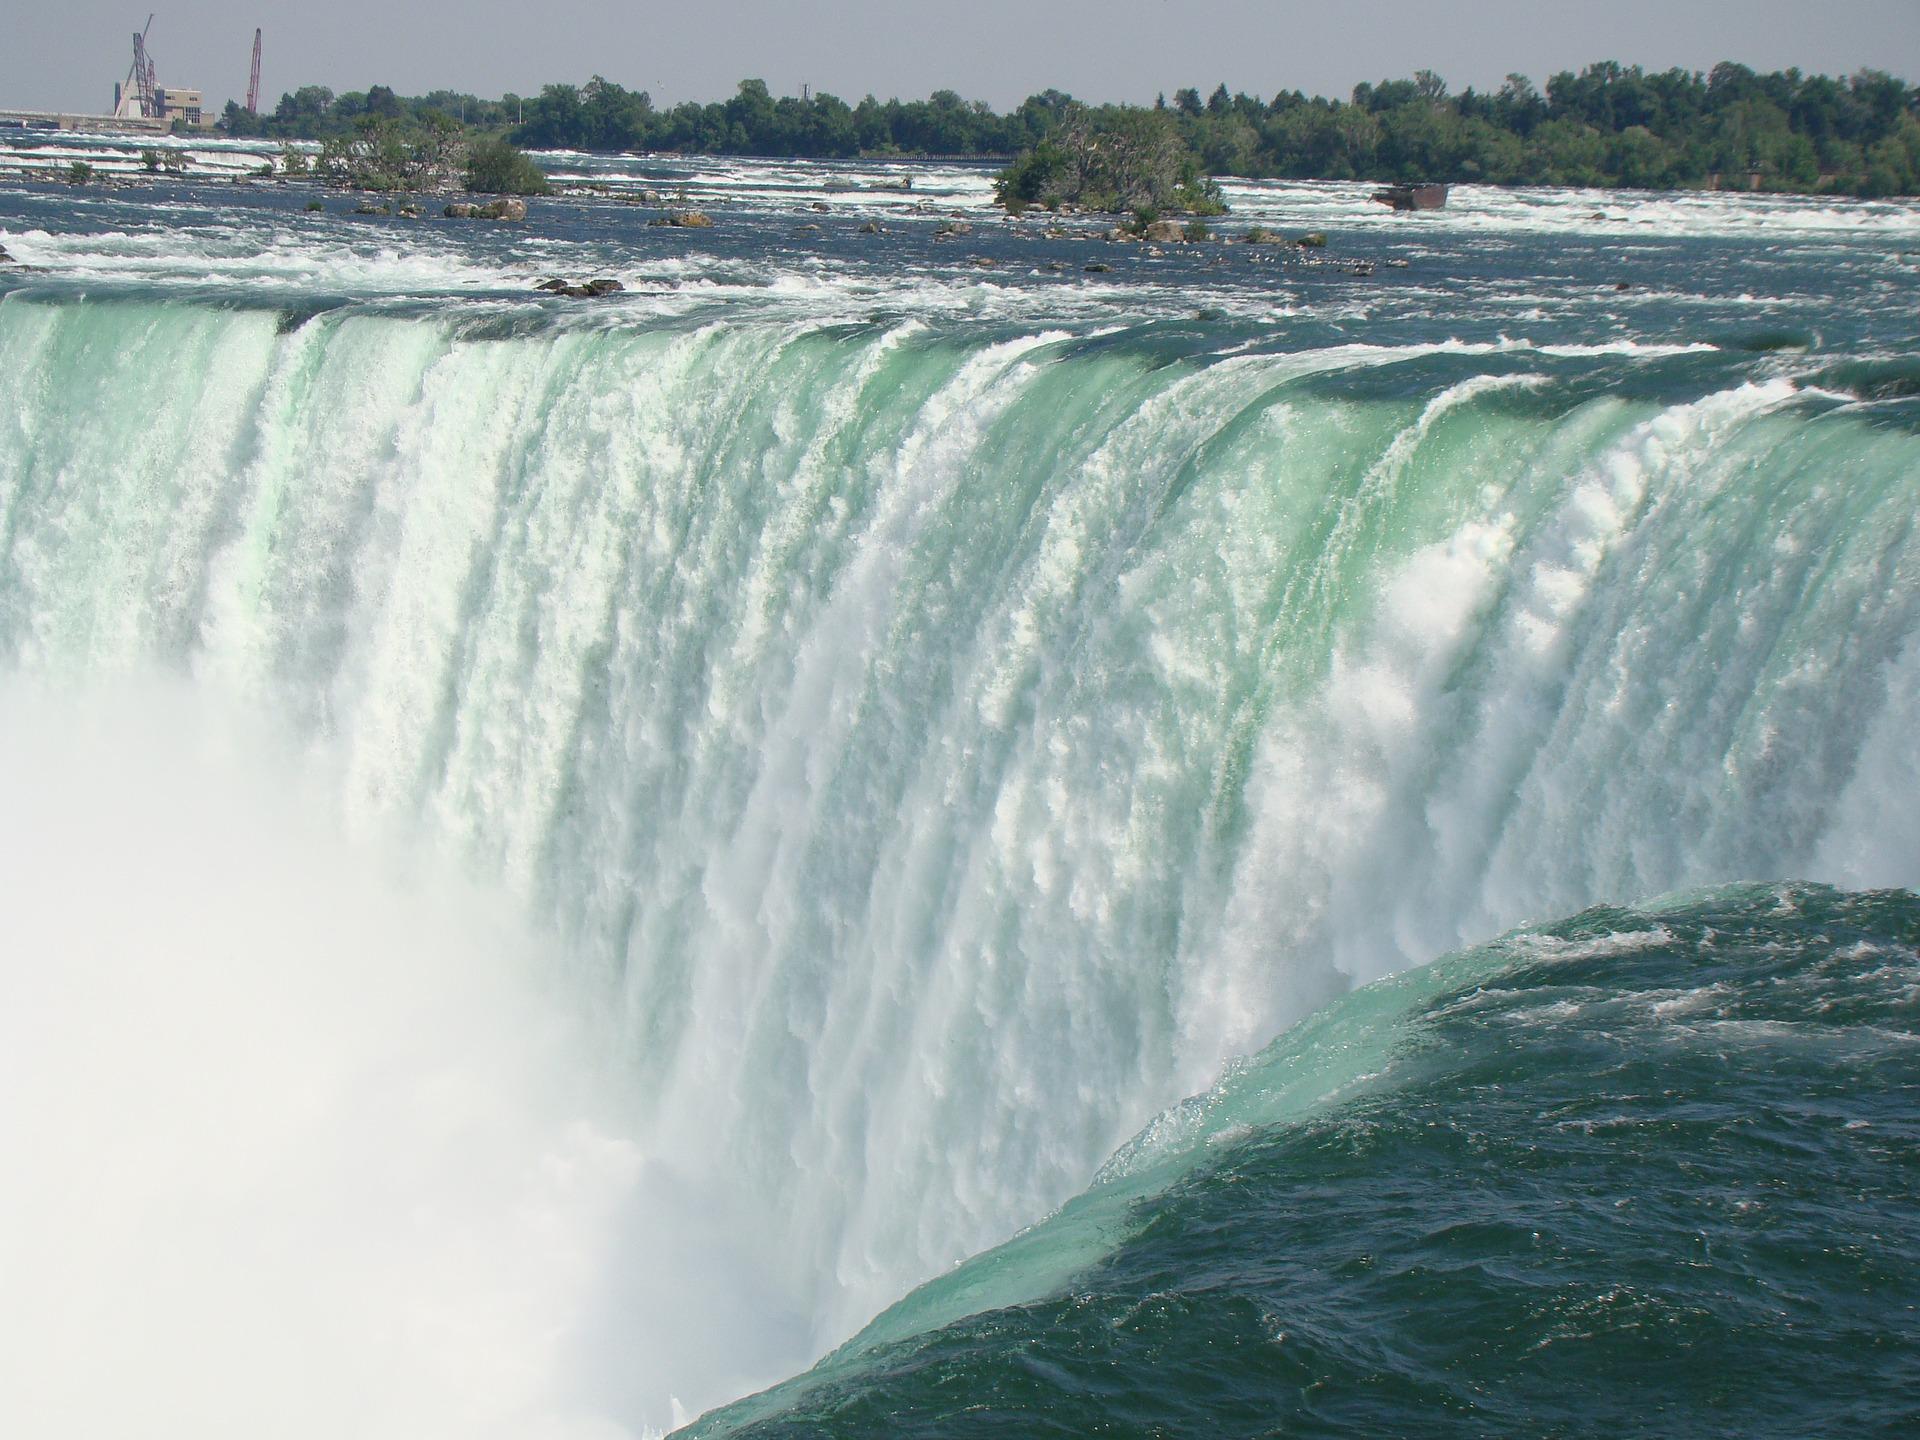 niagara-falls-2367583_1920.jpg